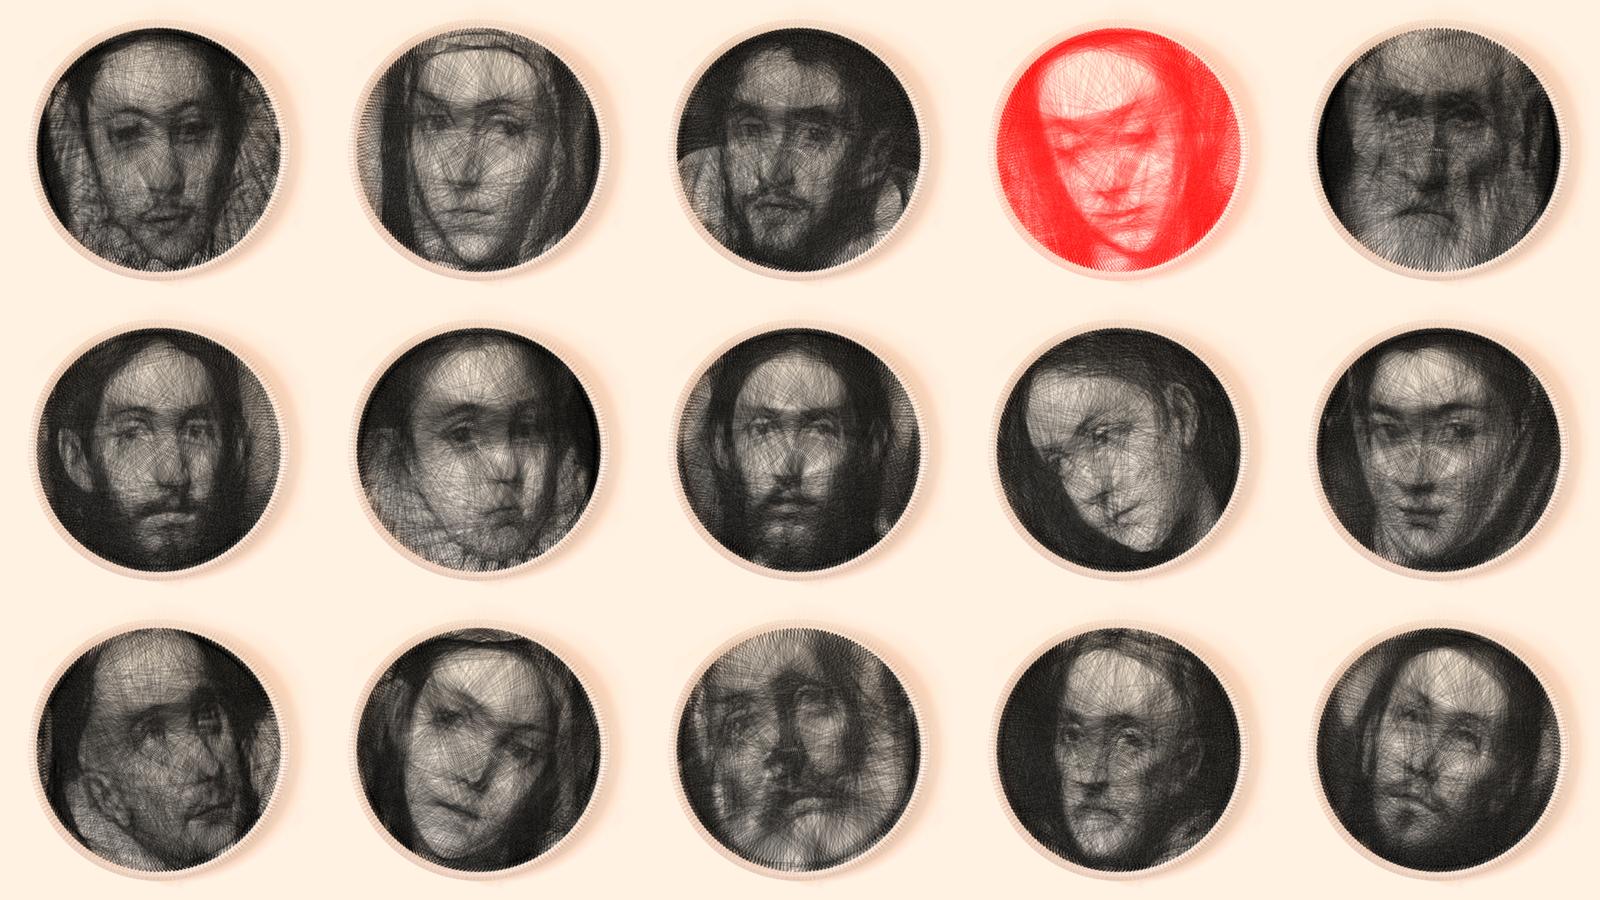 Colección de retratos de Petros Vrellis inspirados por El Greco - Foto: artof01.com/vrellis